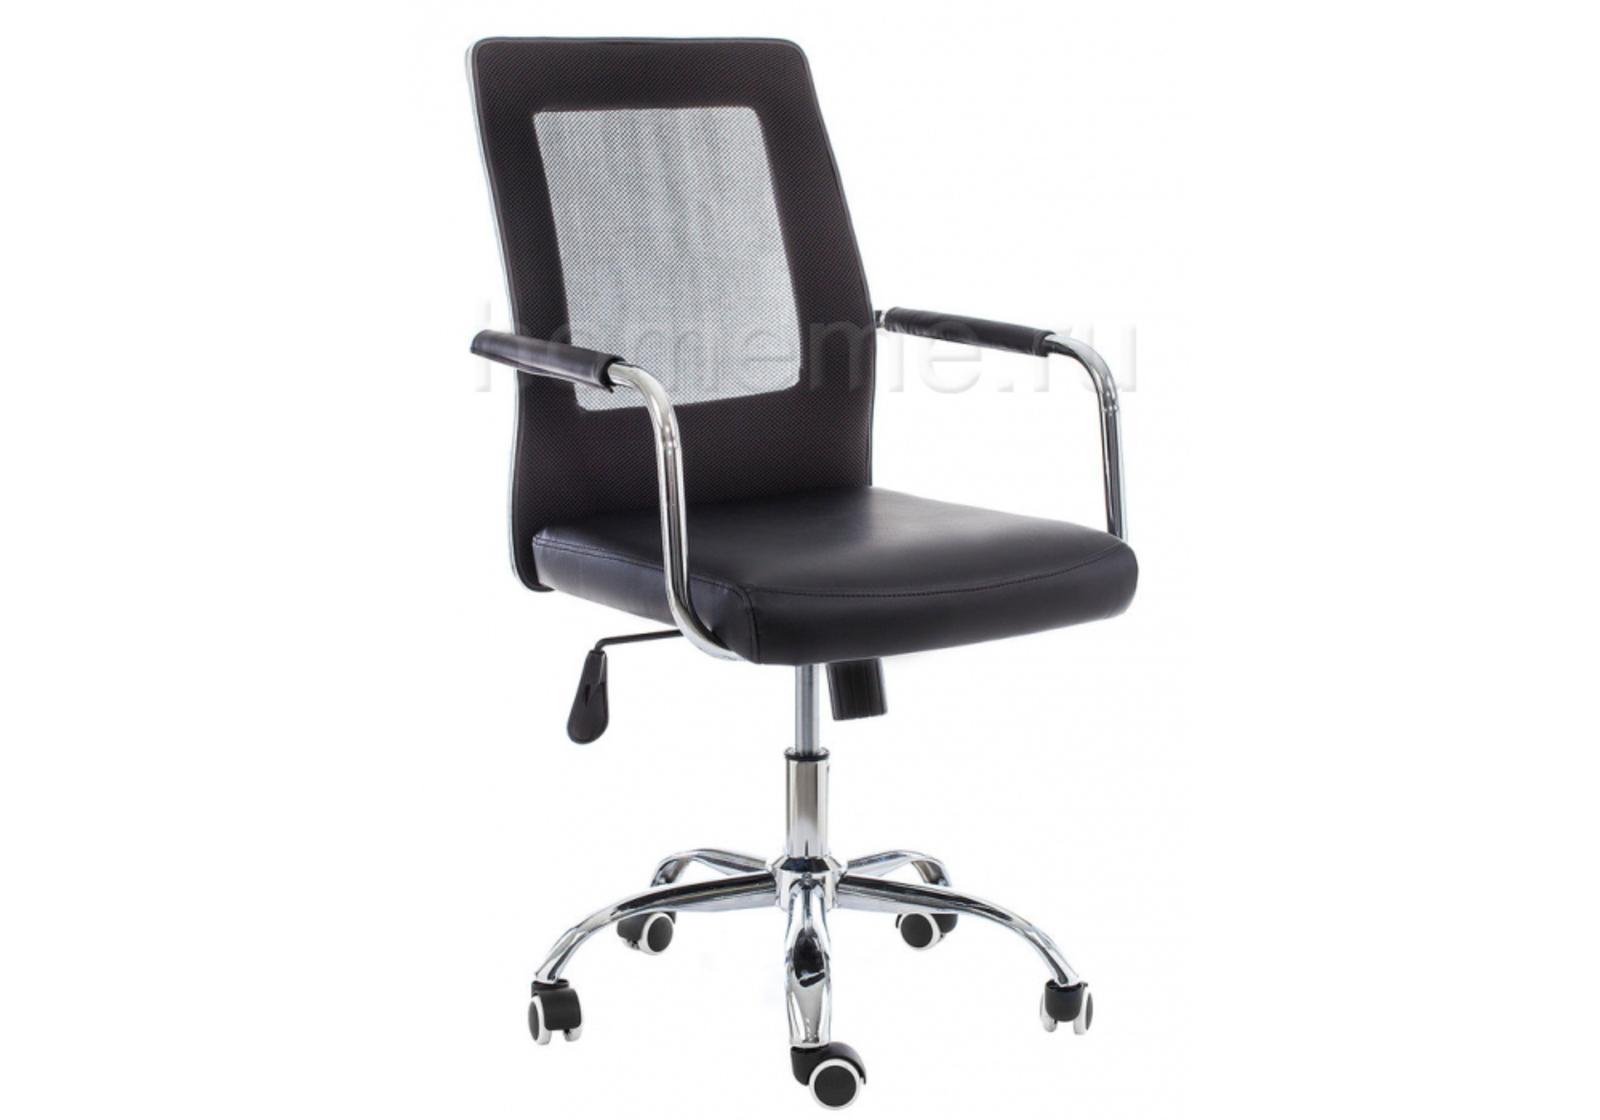 Кресло для офиса HomeMe Компьютерное кресло Optima черное 11069 от Homeme.ru